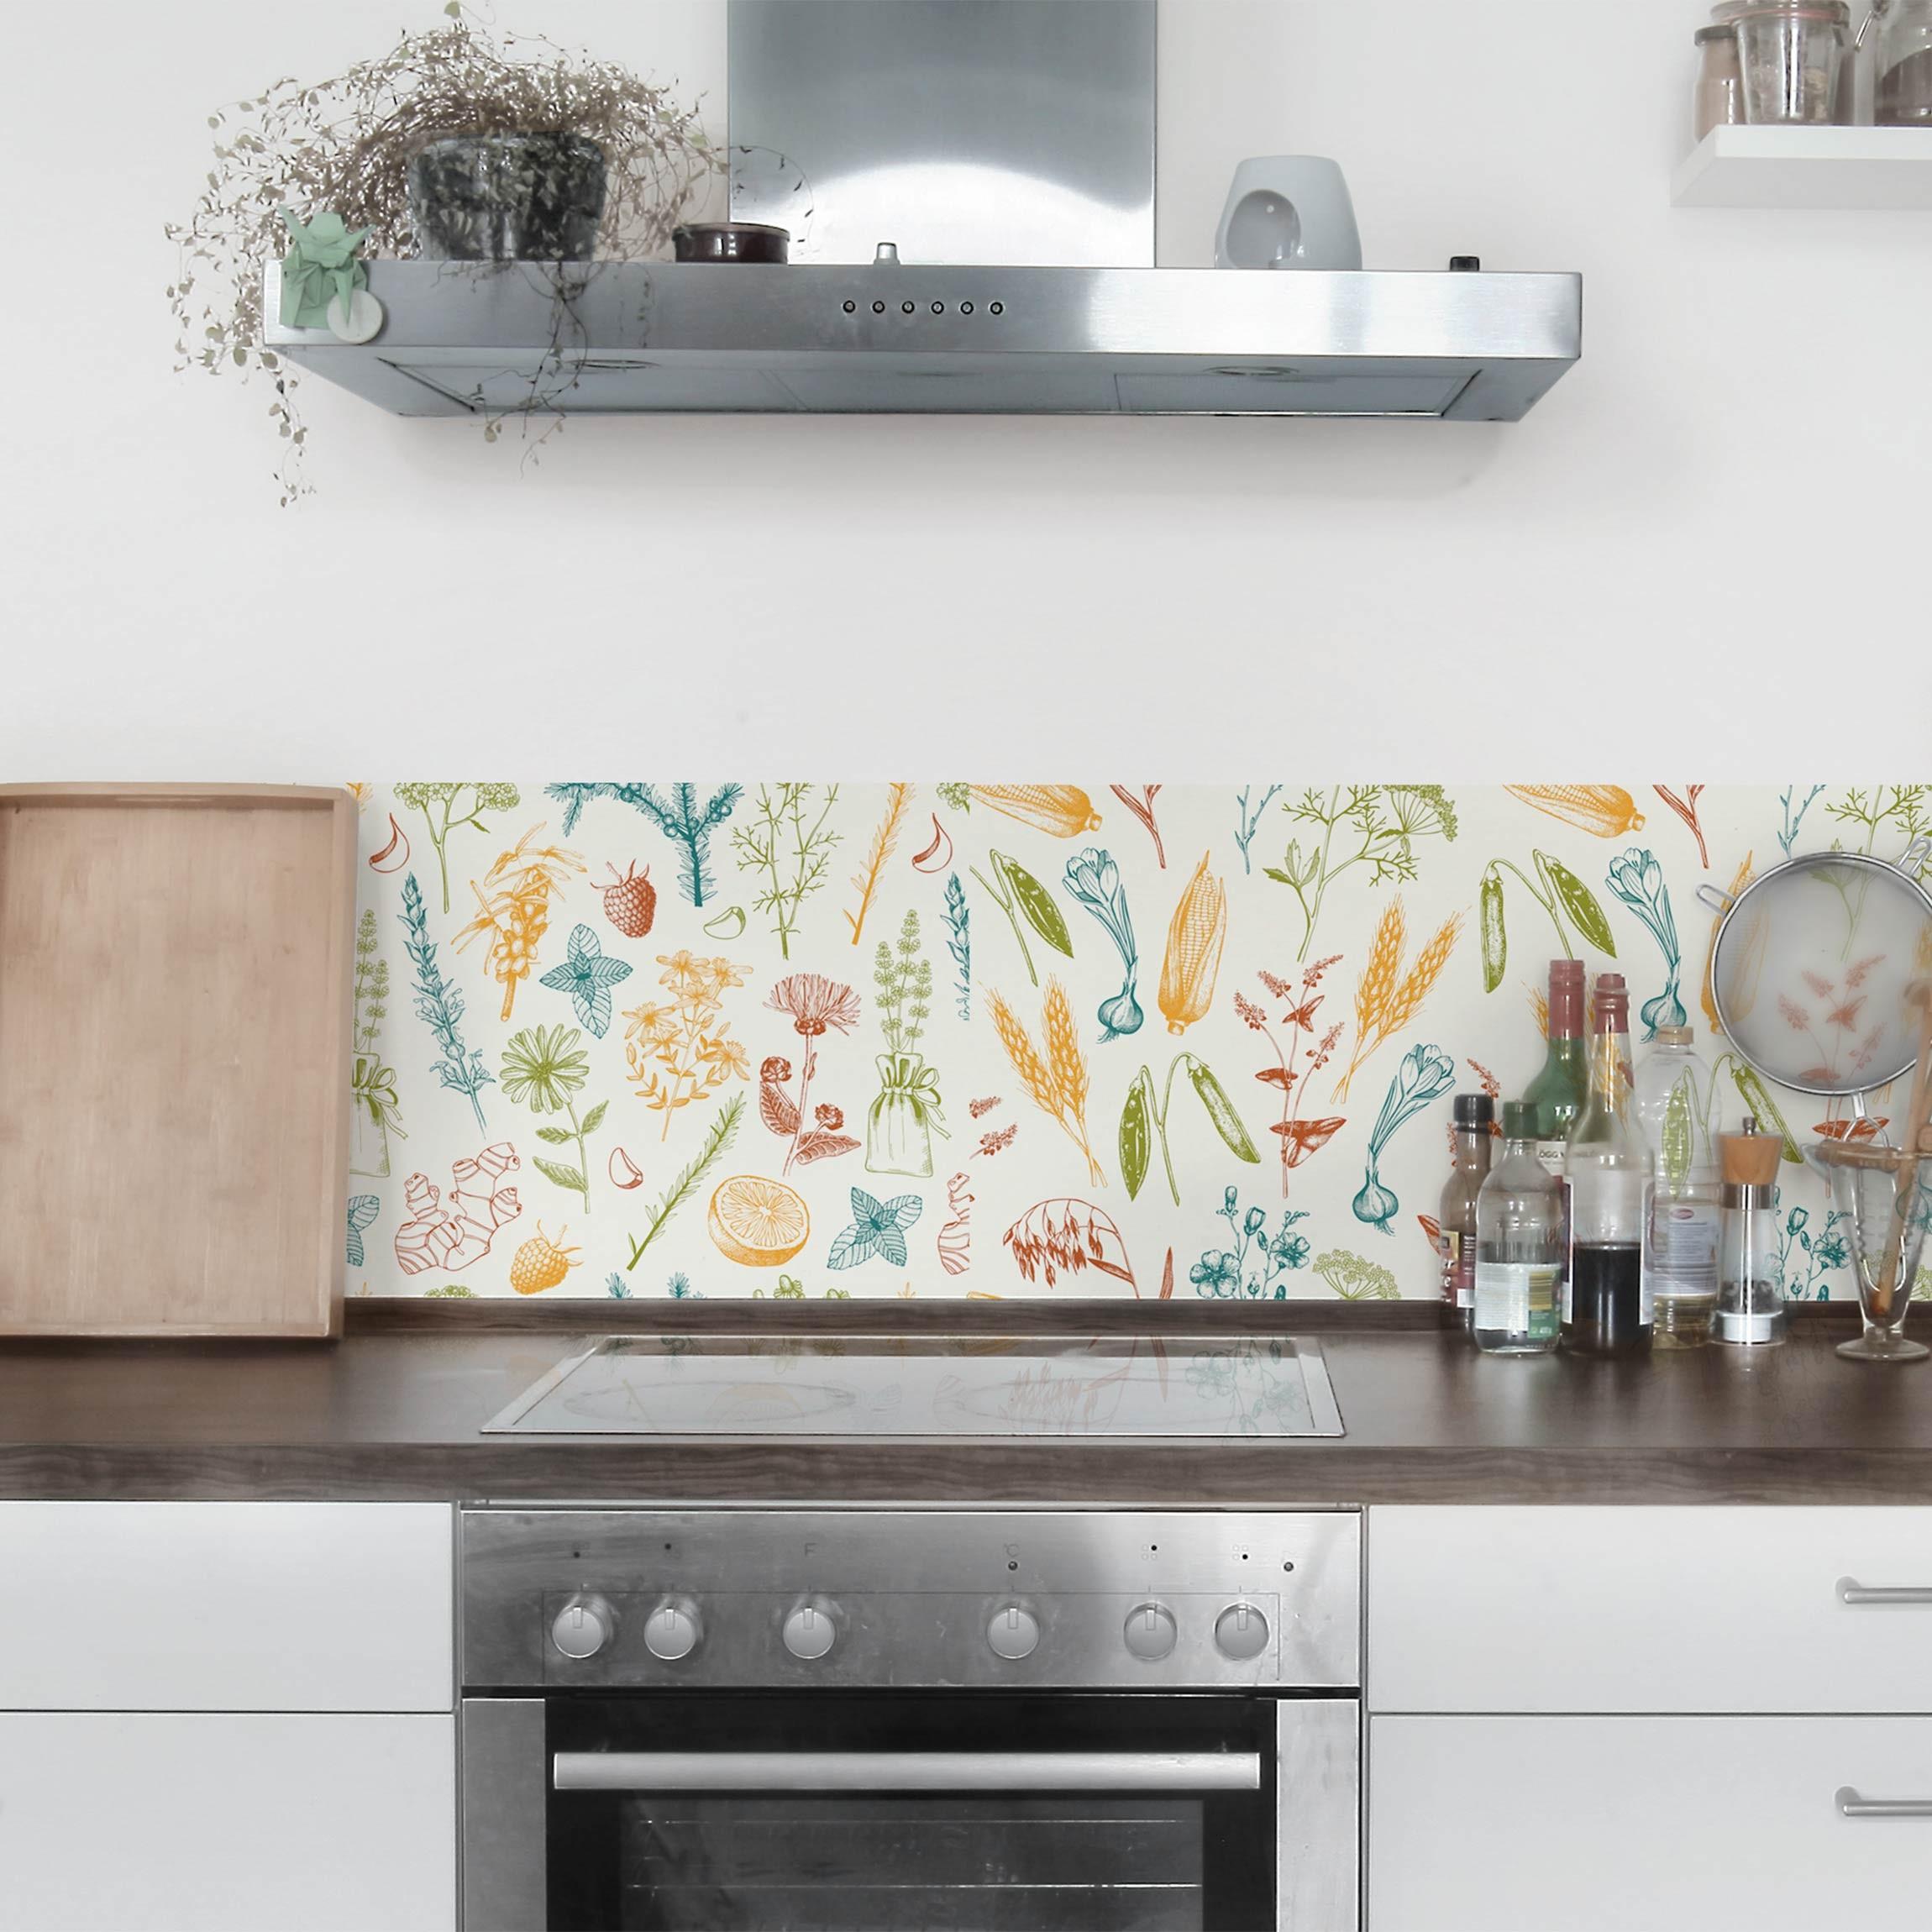 Klebefolie Küche - Set aus 2 Mustern mit Obst, Kräutern und Getreide -  Dekorfolie Küche